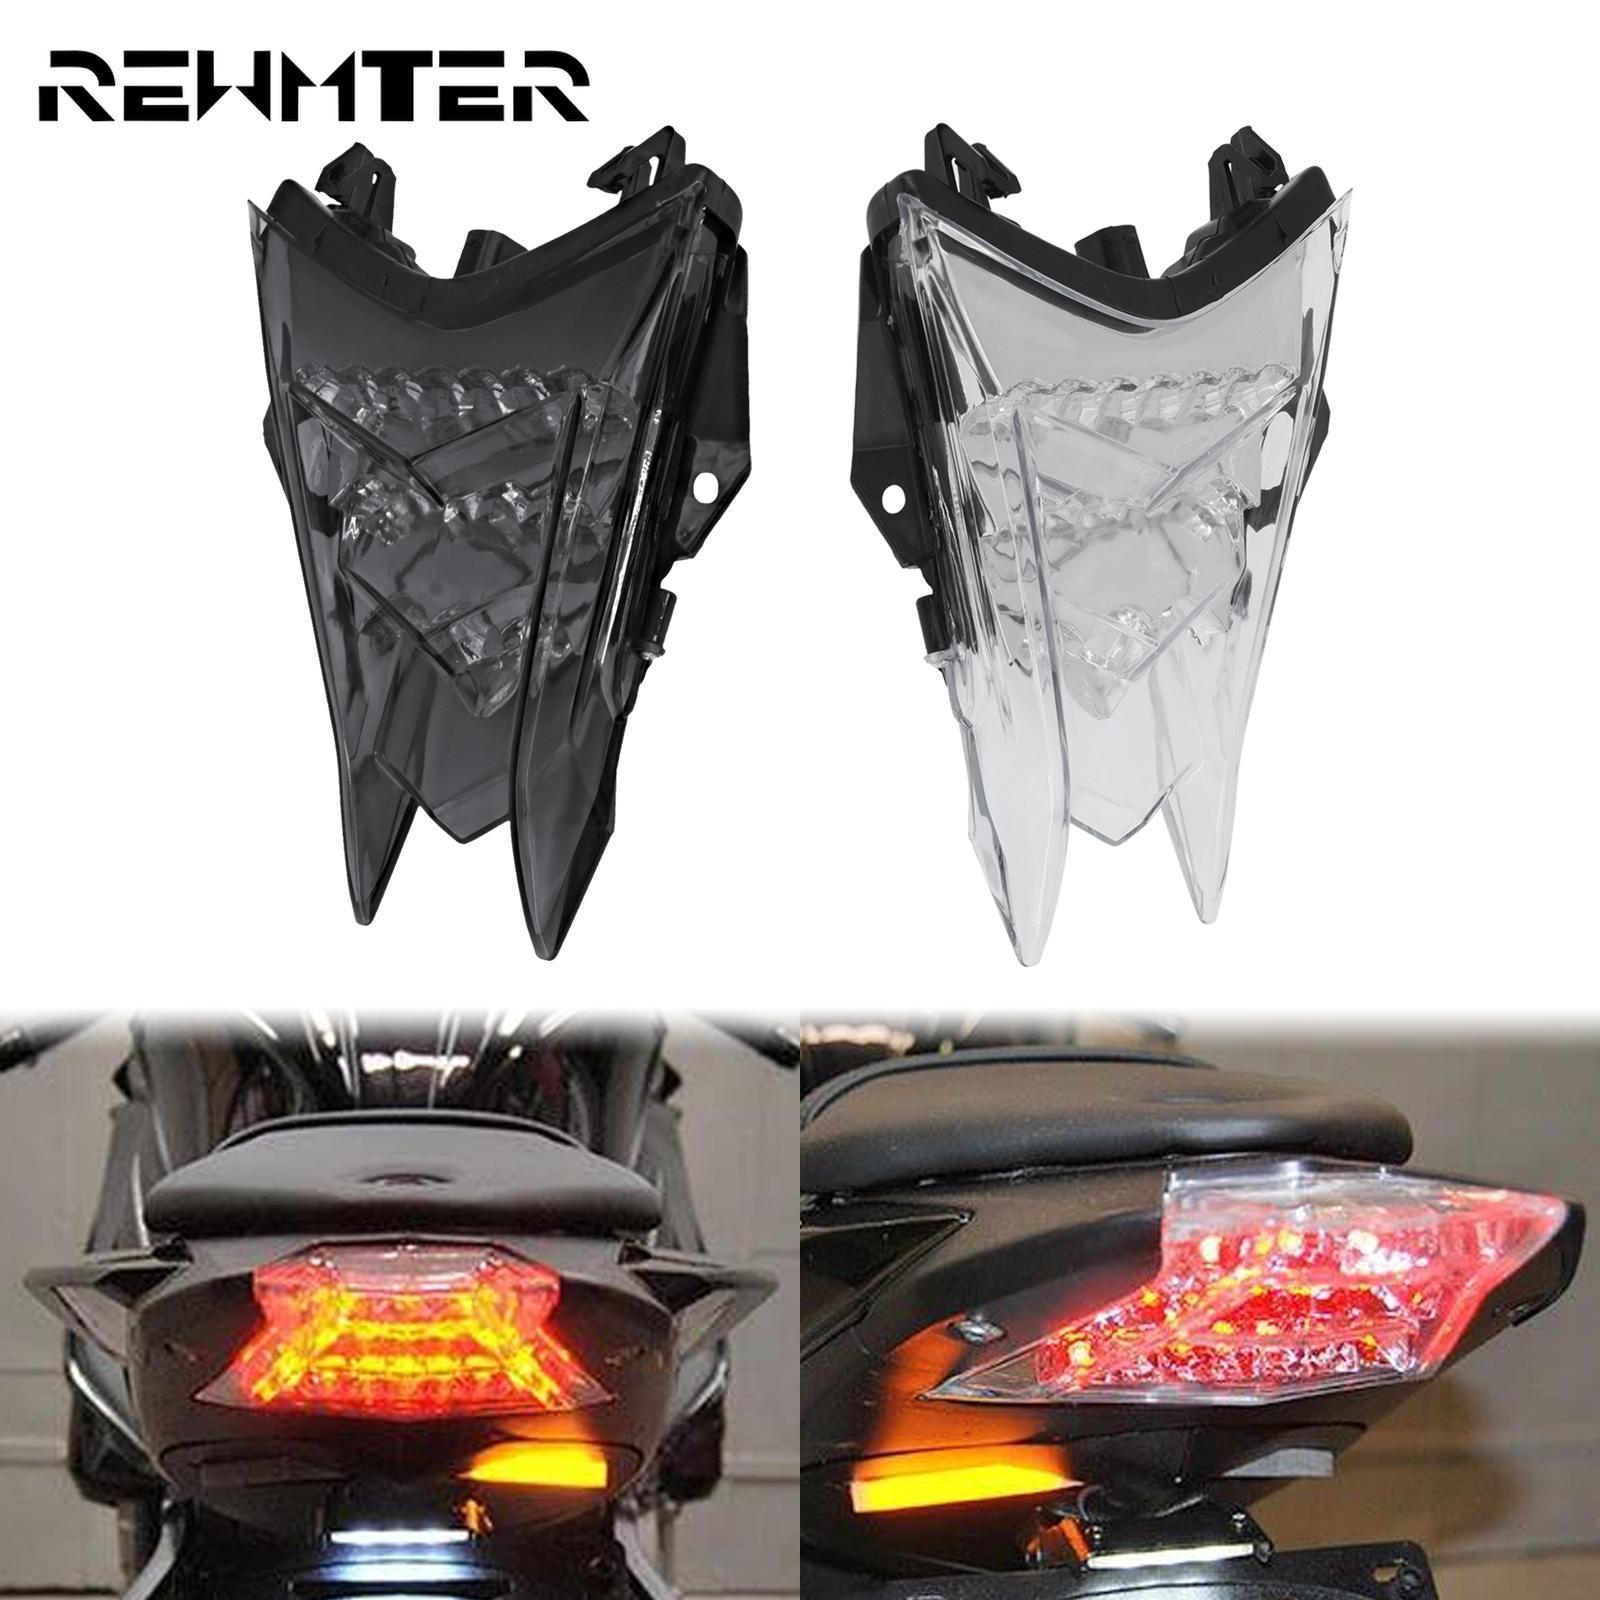 مصباح إشارة الفرامل والانعطاف للدراجة النارية, ضوء فرامل خلفي LED مدمج بضوء إشارة الانعطاف وخلفي 12 فولت لدراجة BMW HP4 S1000R S1000RR 2009-2020